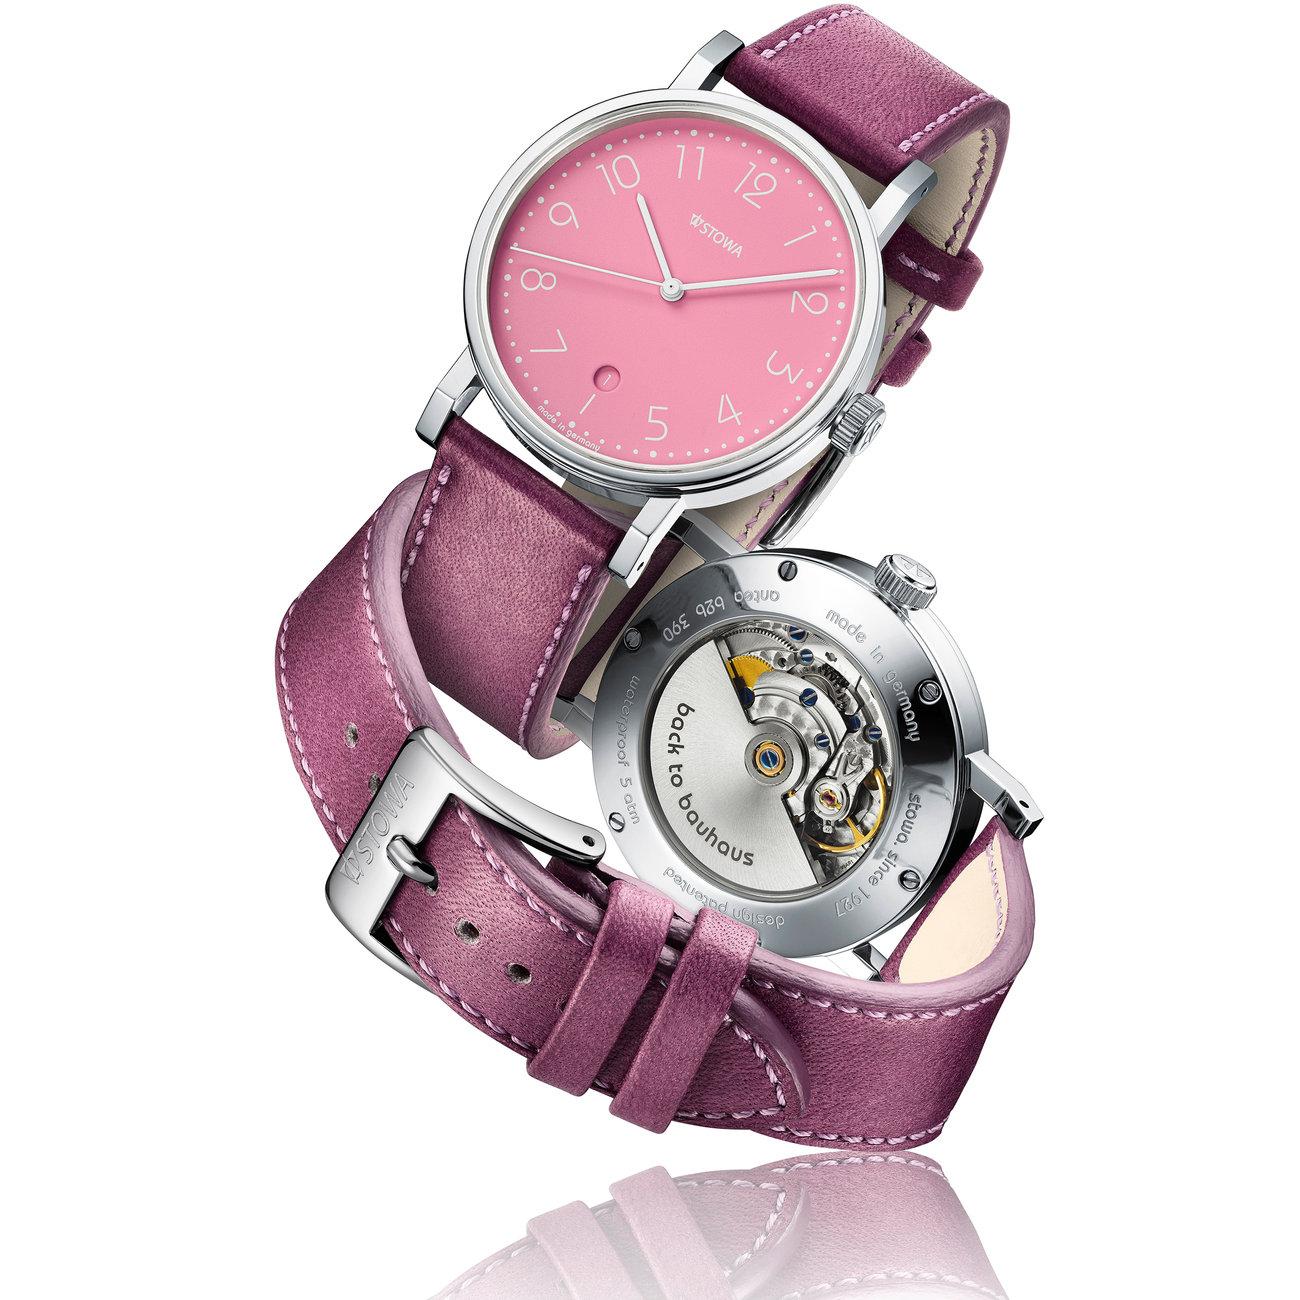 Antea back to bauhaus pink